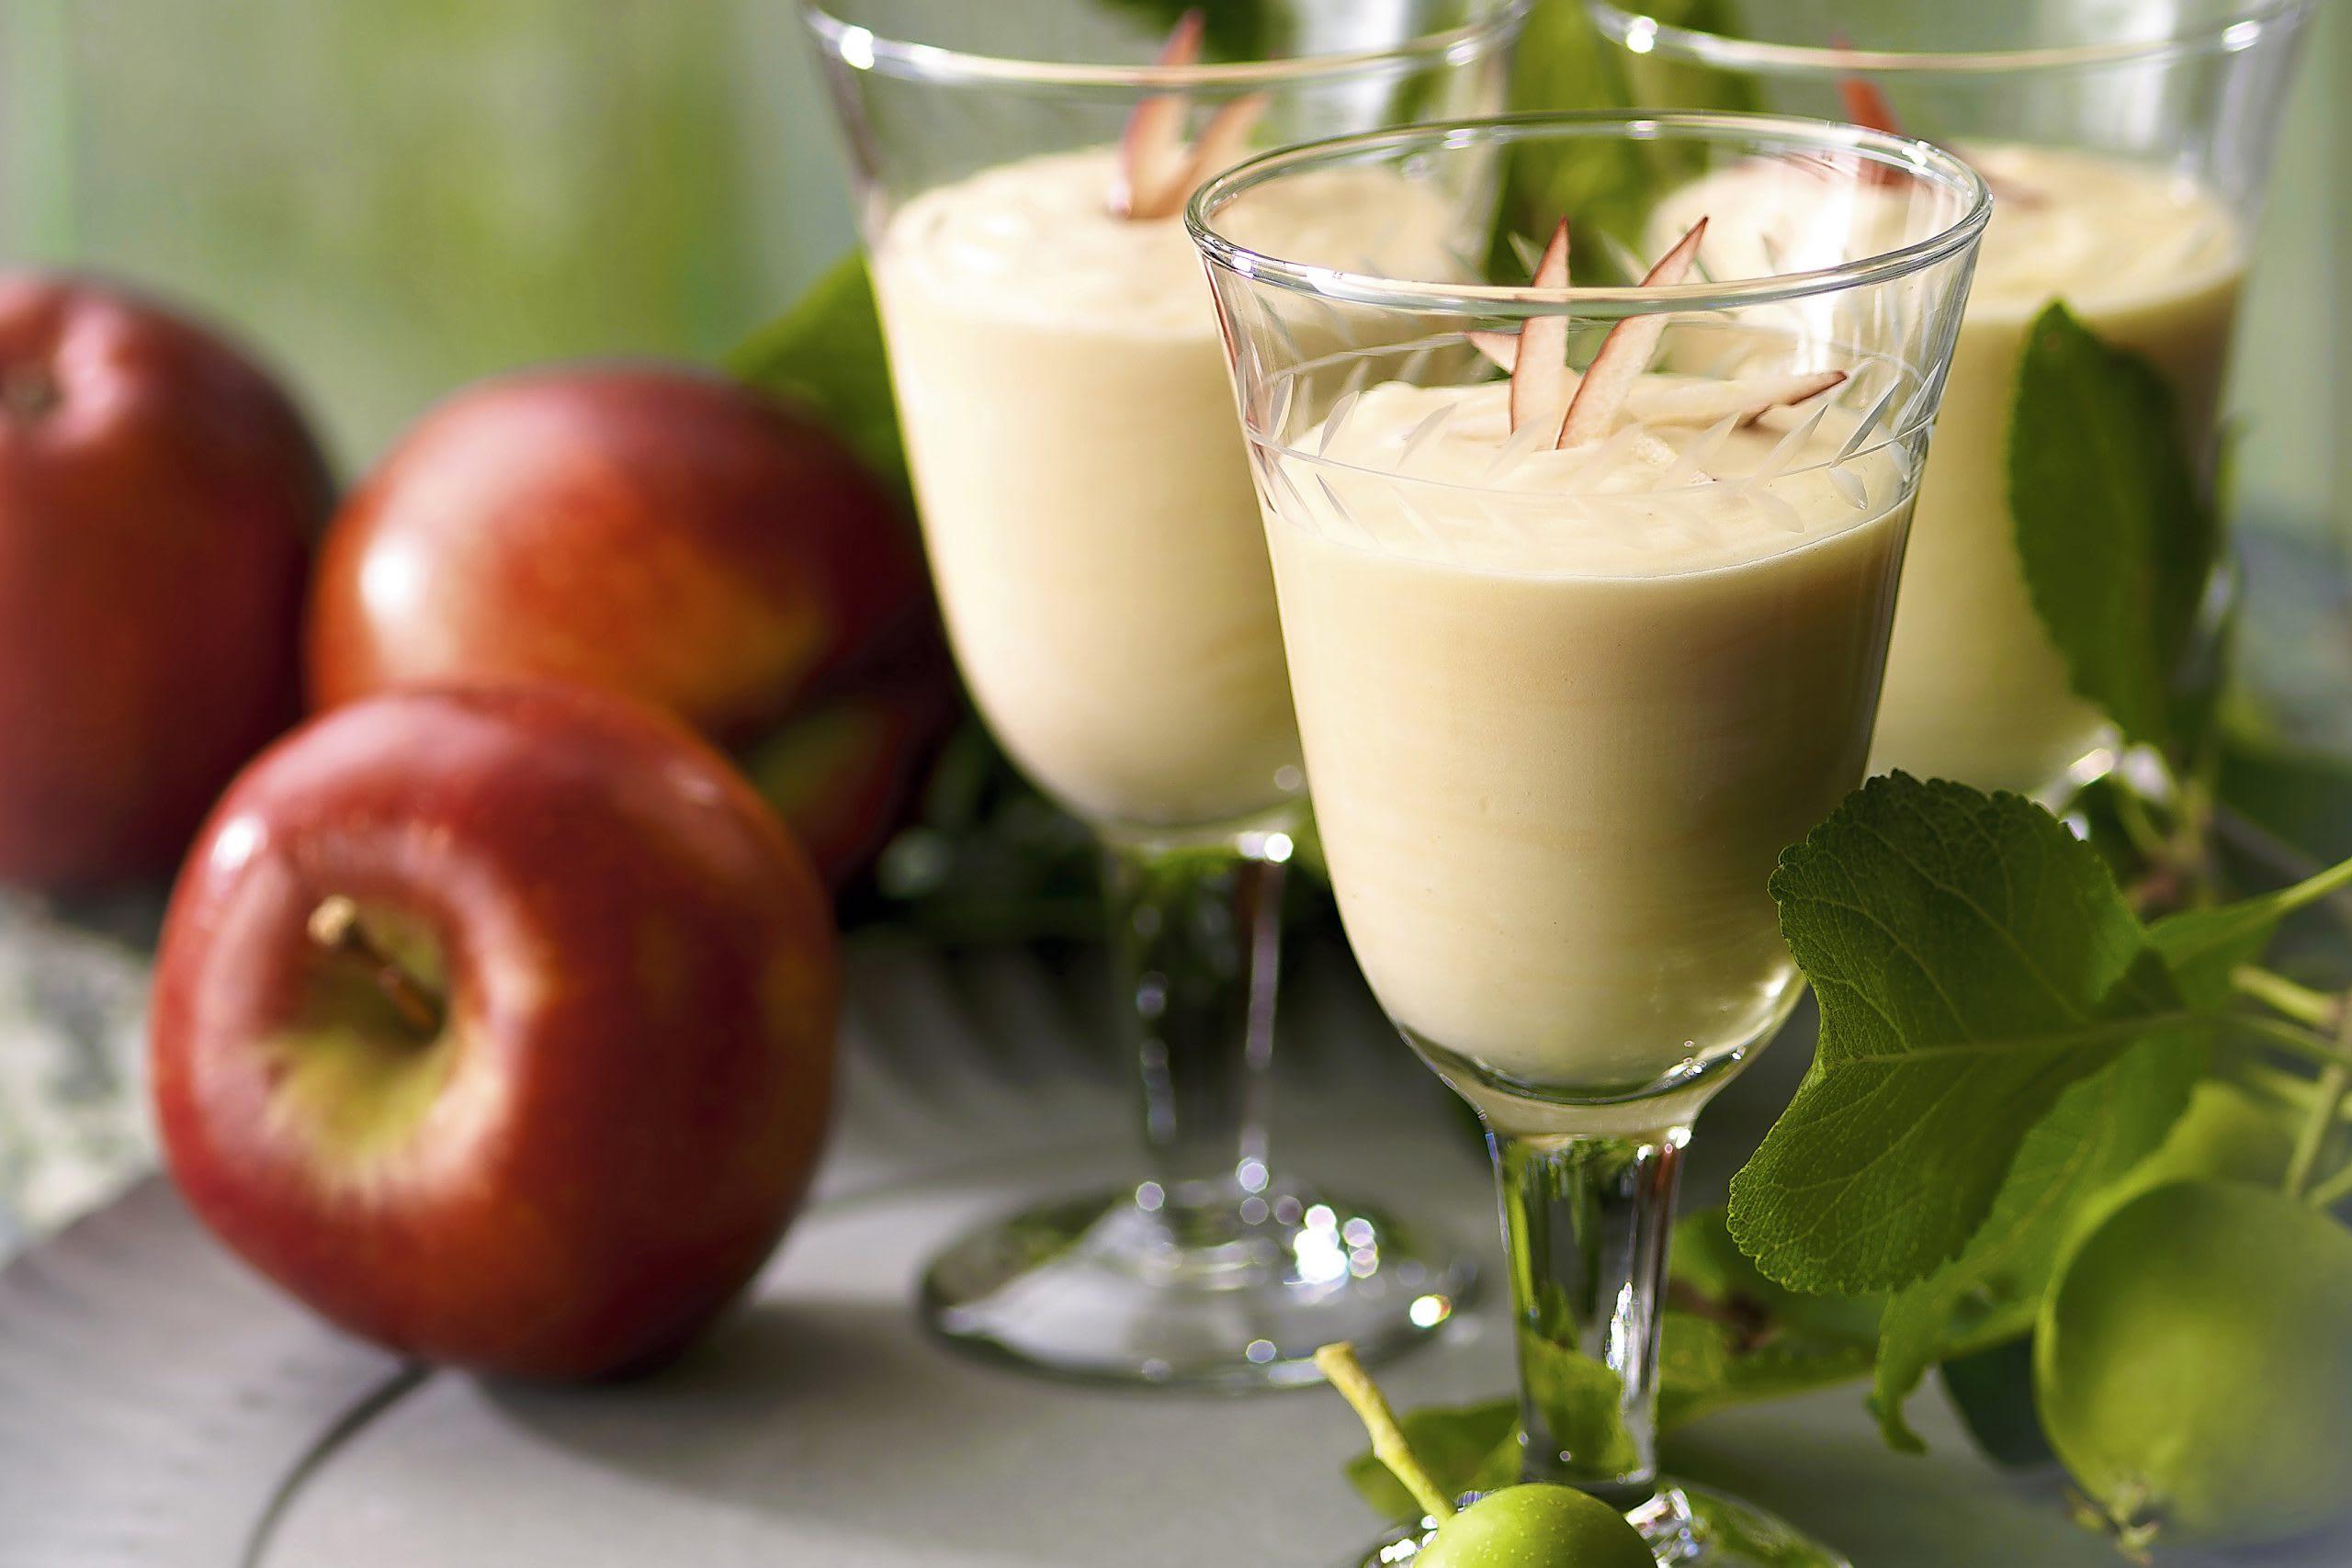 Crème au jus de pomme